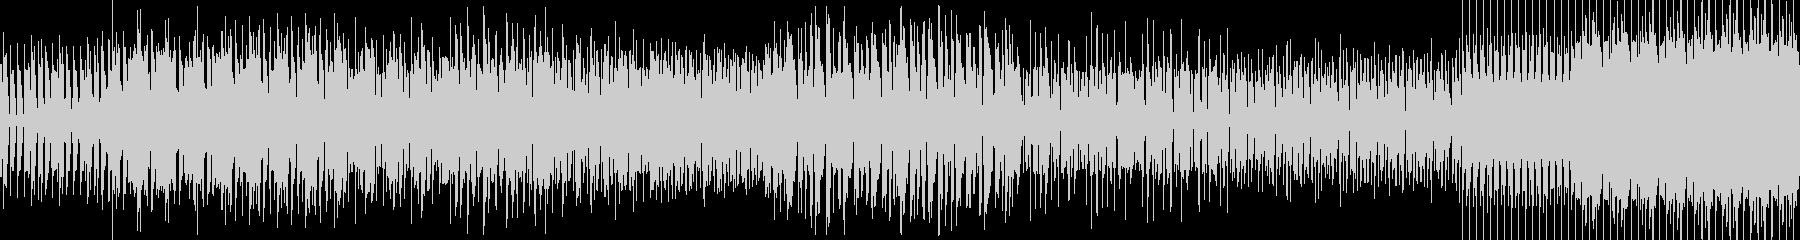 ベースメインのディープハウスの未再生の波形